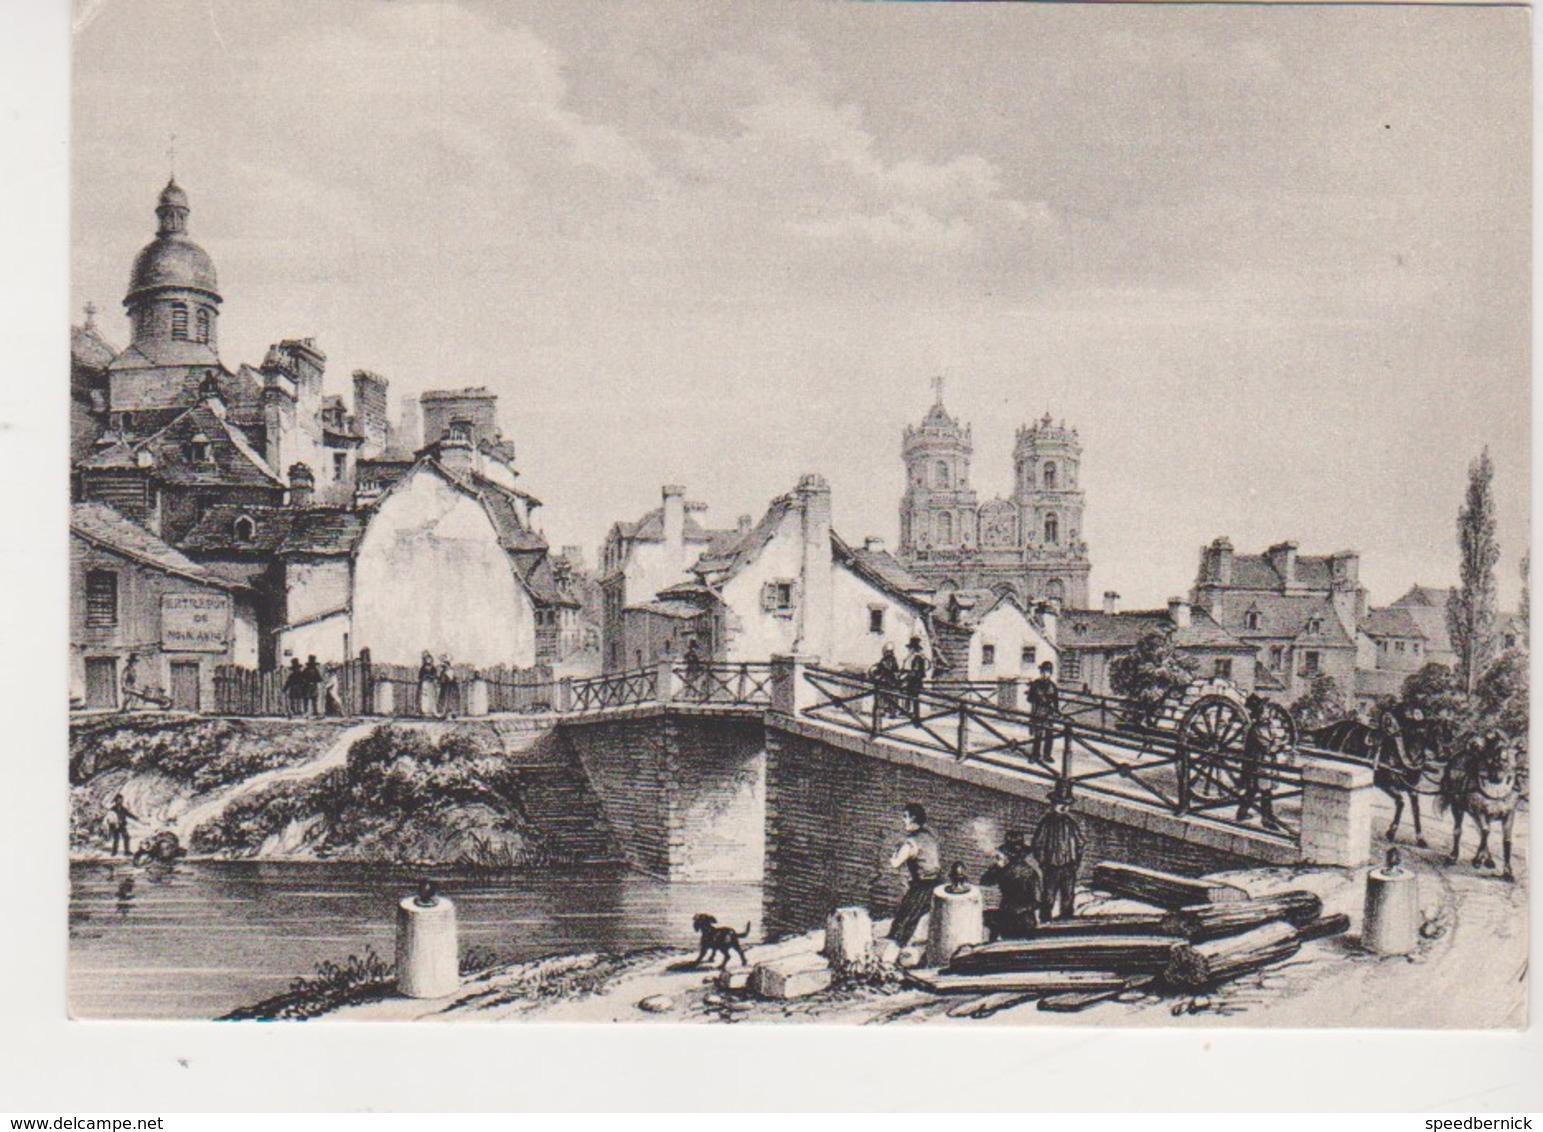 26584 CPSM RENNES Lithographie  Benoist 1858 -vilaine Devant Cathedrale Pont Bagot Bas Des Lices -Jos Le Doare P 289 - Rennes